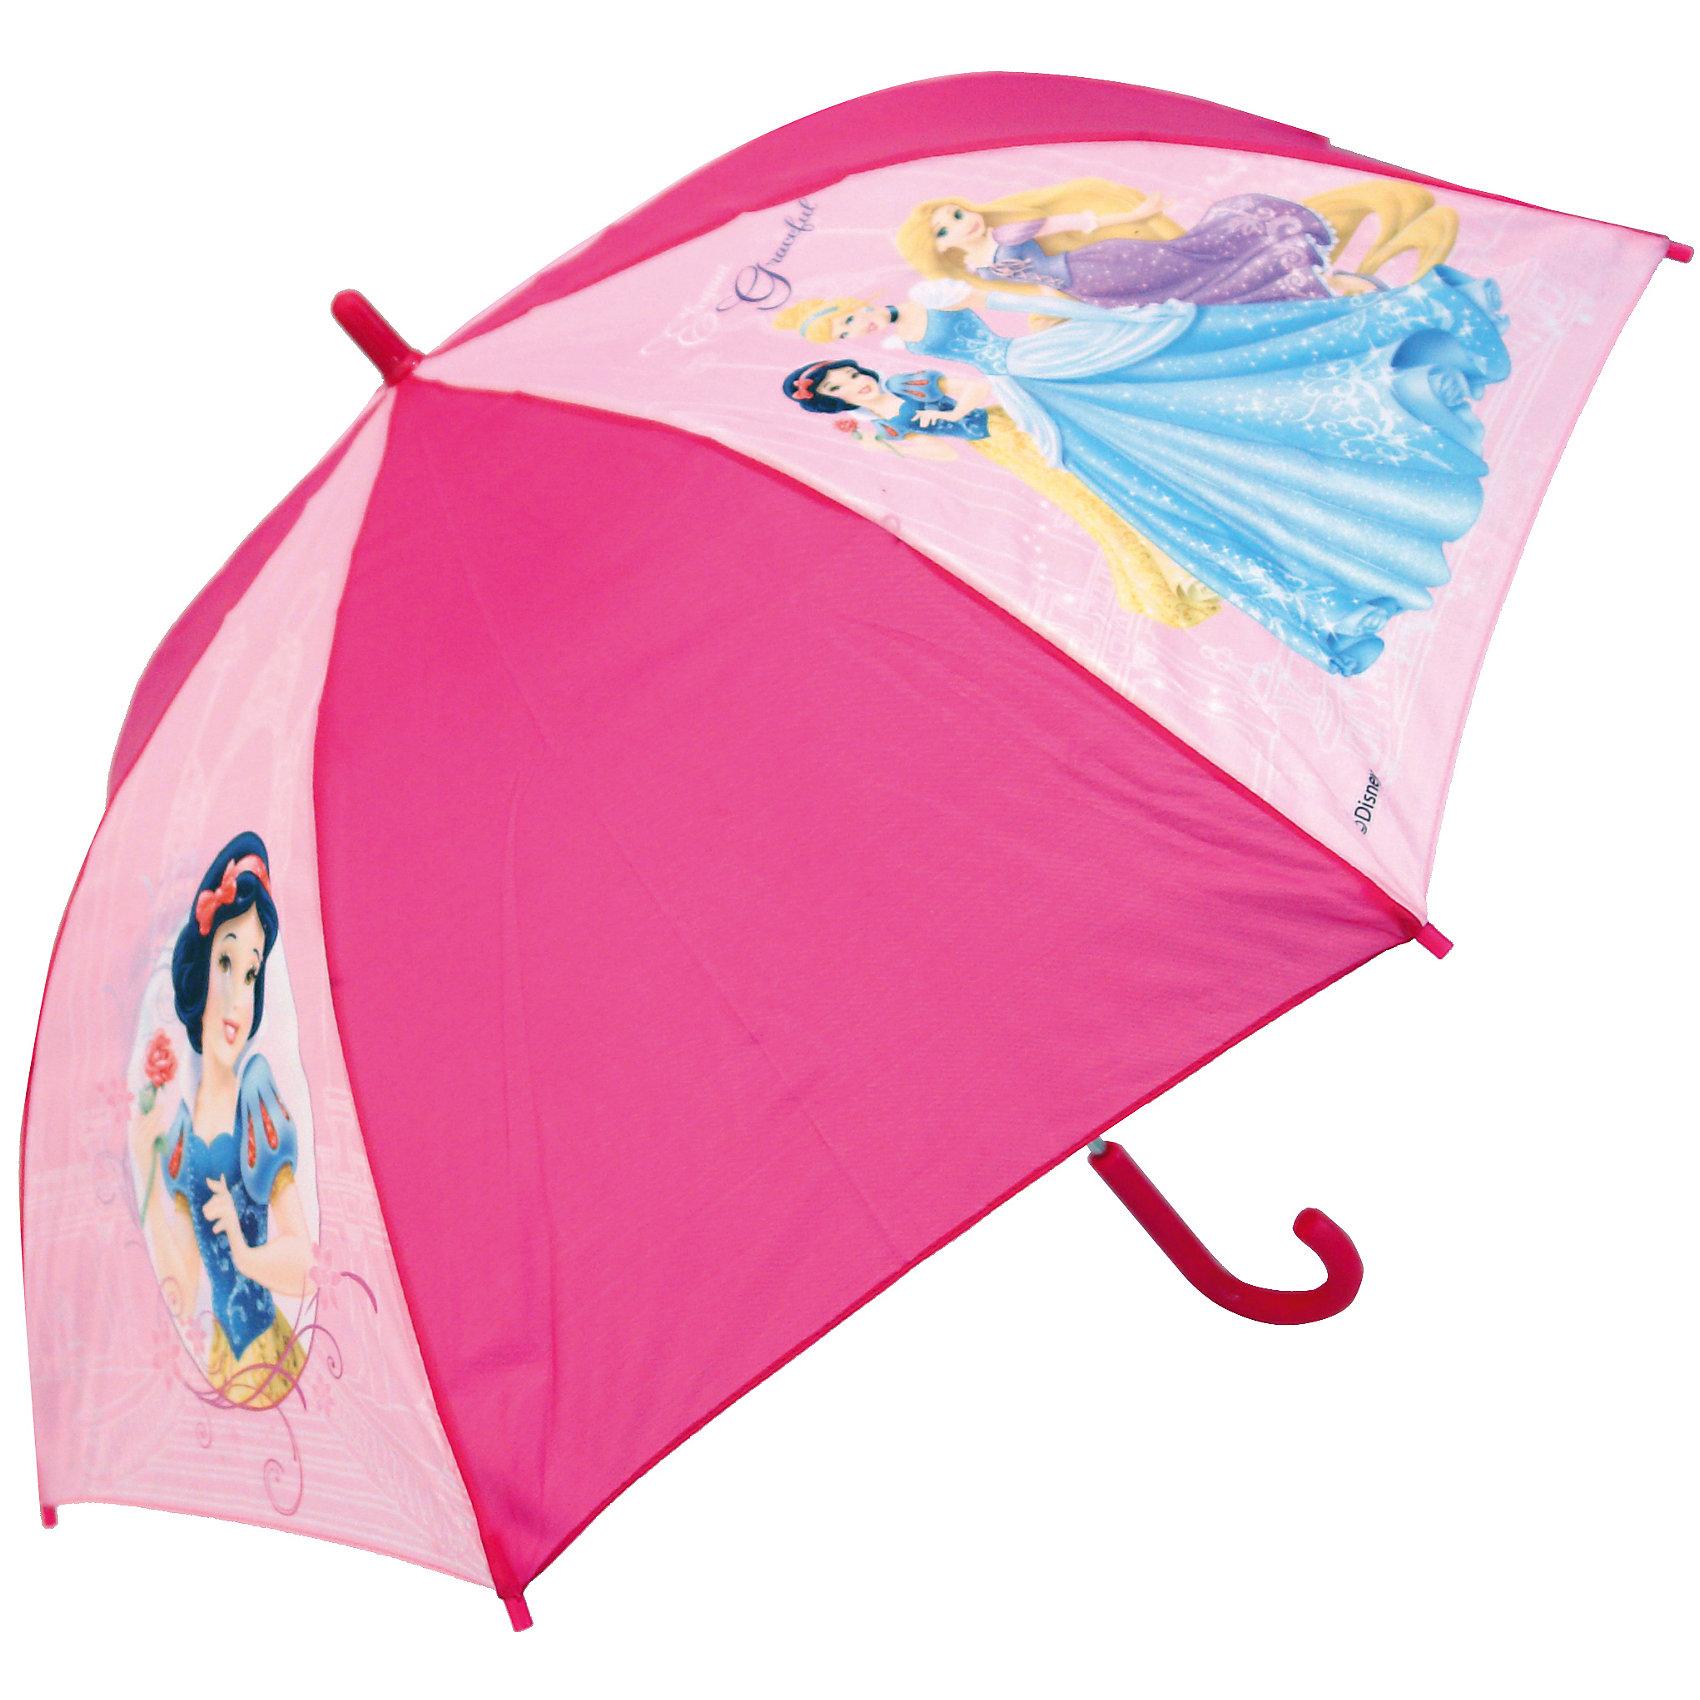 Зонт-трость 46 см, автоматический, розовый, Disney PrincessЗонты детские<br>Компактный детский зонтик-трость станет замечательным подарком для Вашего чада и защитит его не только от дождя, но и от солнца. Красочный дизайн зонтика поднимет настроение и станет незаменимым атрибутом прогулки. Ребенок сможет сам открывать и закрывать зонтик, благодаря легкому механизму, а оригинальная расцветка зонтика привлечет к себе внимание. Тип механизма: автоматический (открывается автом/закрывается вручную). Конструкция зонта: зонт-трость. Материал: пластик, полиэстер, металл.<br>Диаметр купола: 82 см<br><br>Ширина мм: 85<br>Глубина мм: 50<br>Высота мм: 650<br>Вес г: 240<br>Возраст от месяцев: 36<br>Возраст до месяцев: 36<br>Пол: Женский<br>Возраст: Детский<br>SKU: 5529353